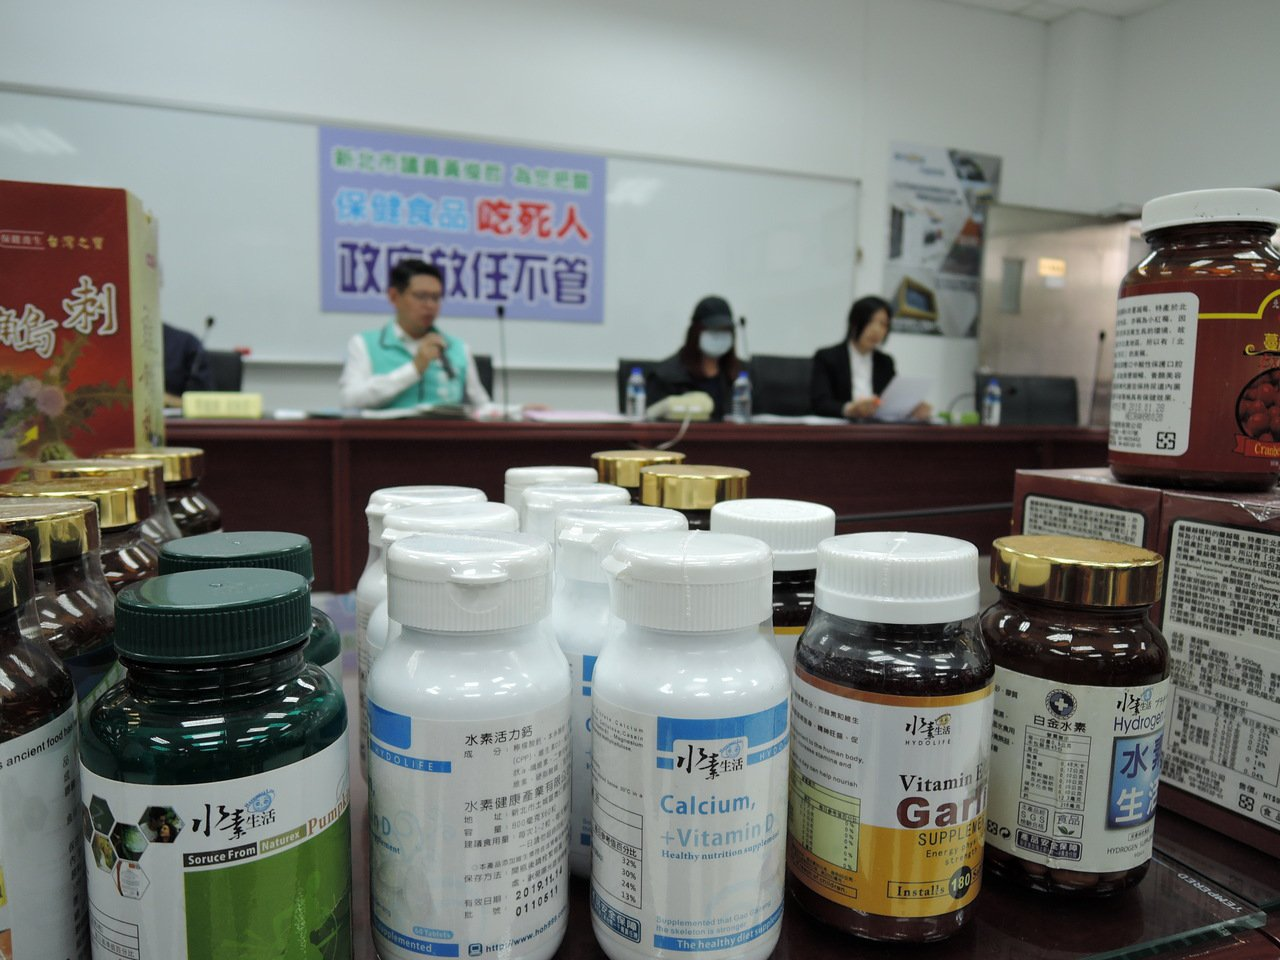 新北市泰山區一名六旬婦人購買大量保健食品,直至上月中旬因藥物急性酸中毒,併發敗血...